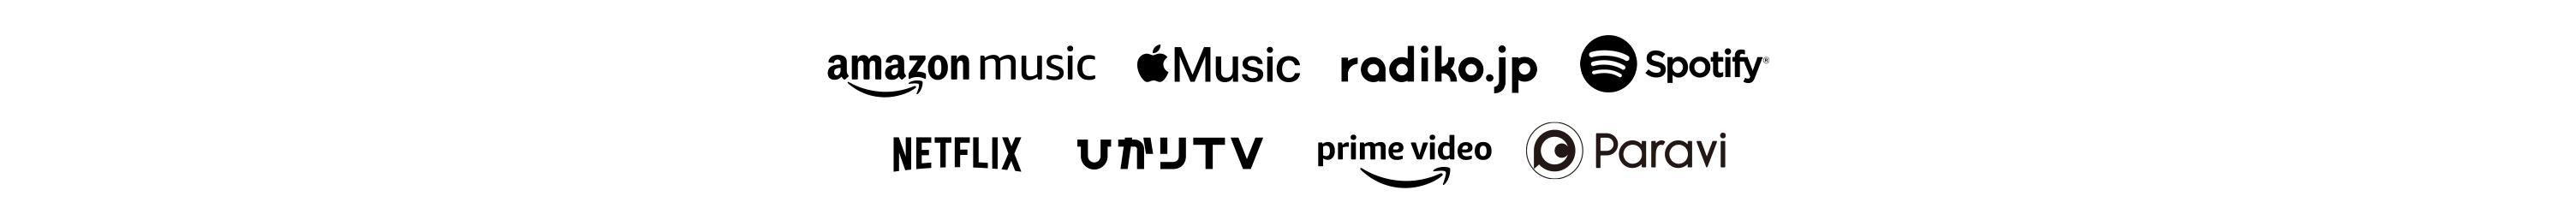 Amazon MusicやApple Music、Spotifyなどでお好みの音楽を